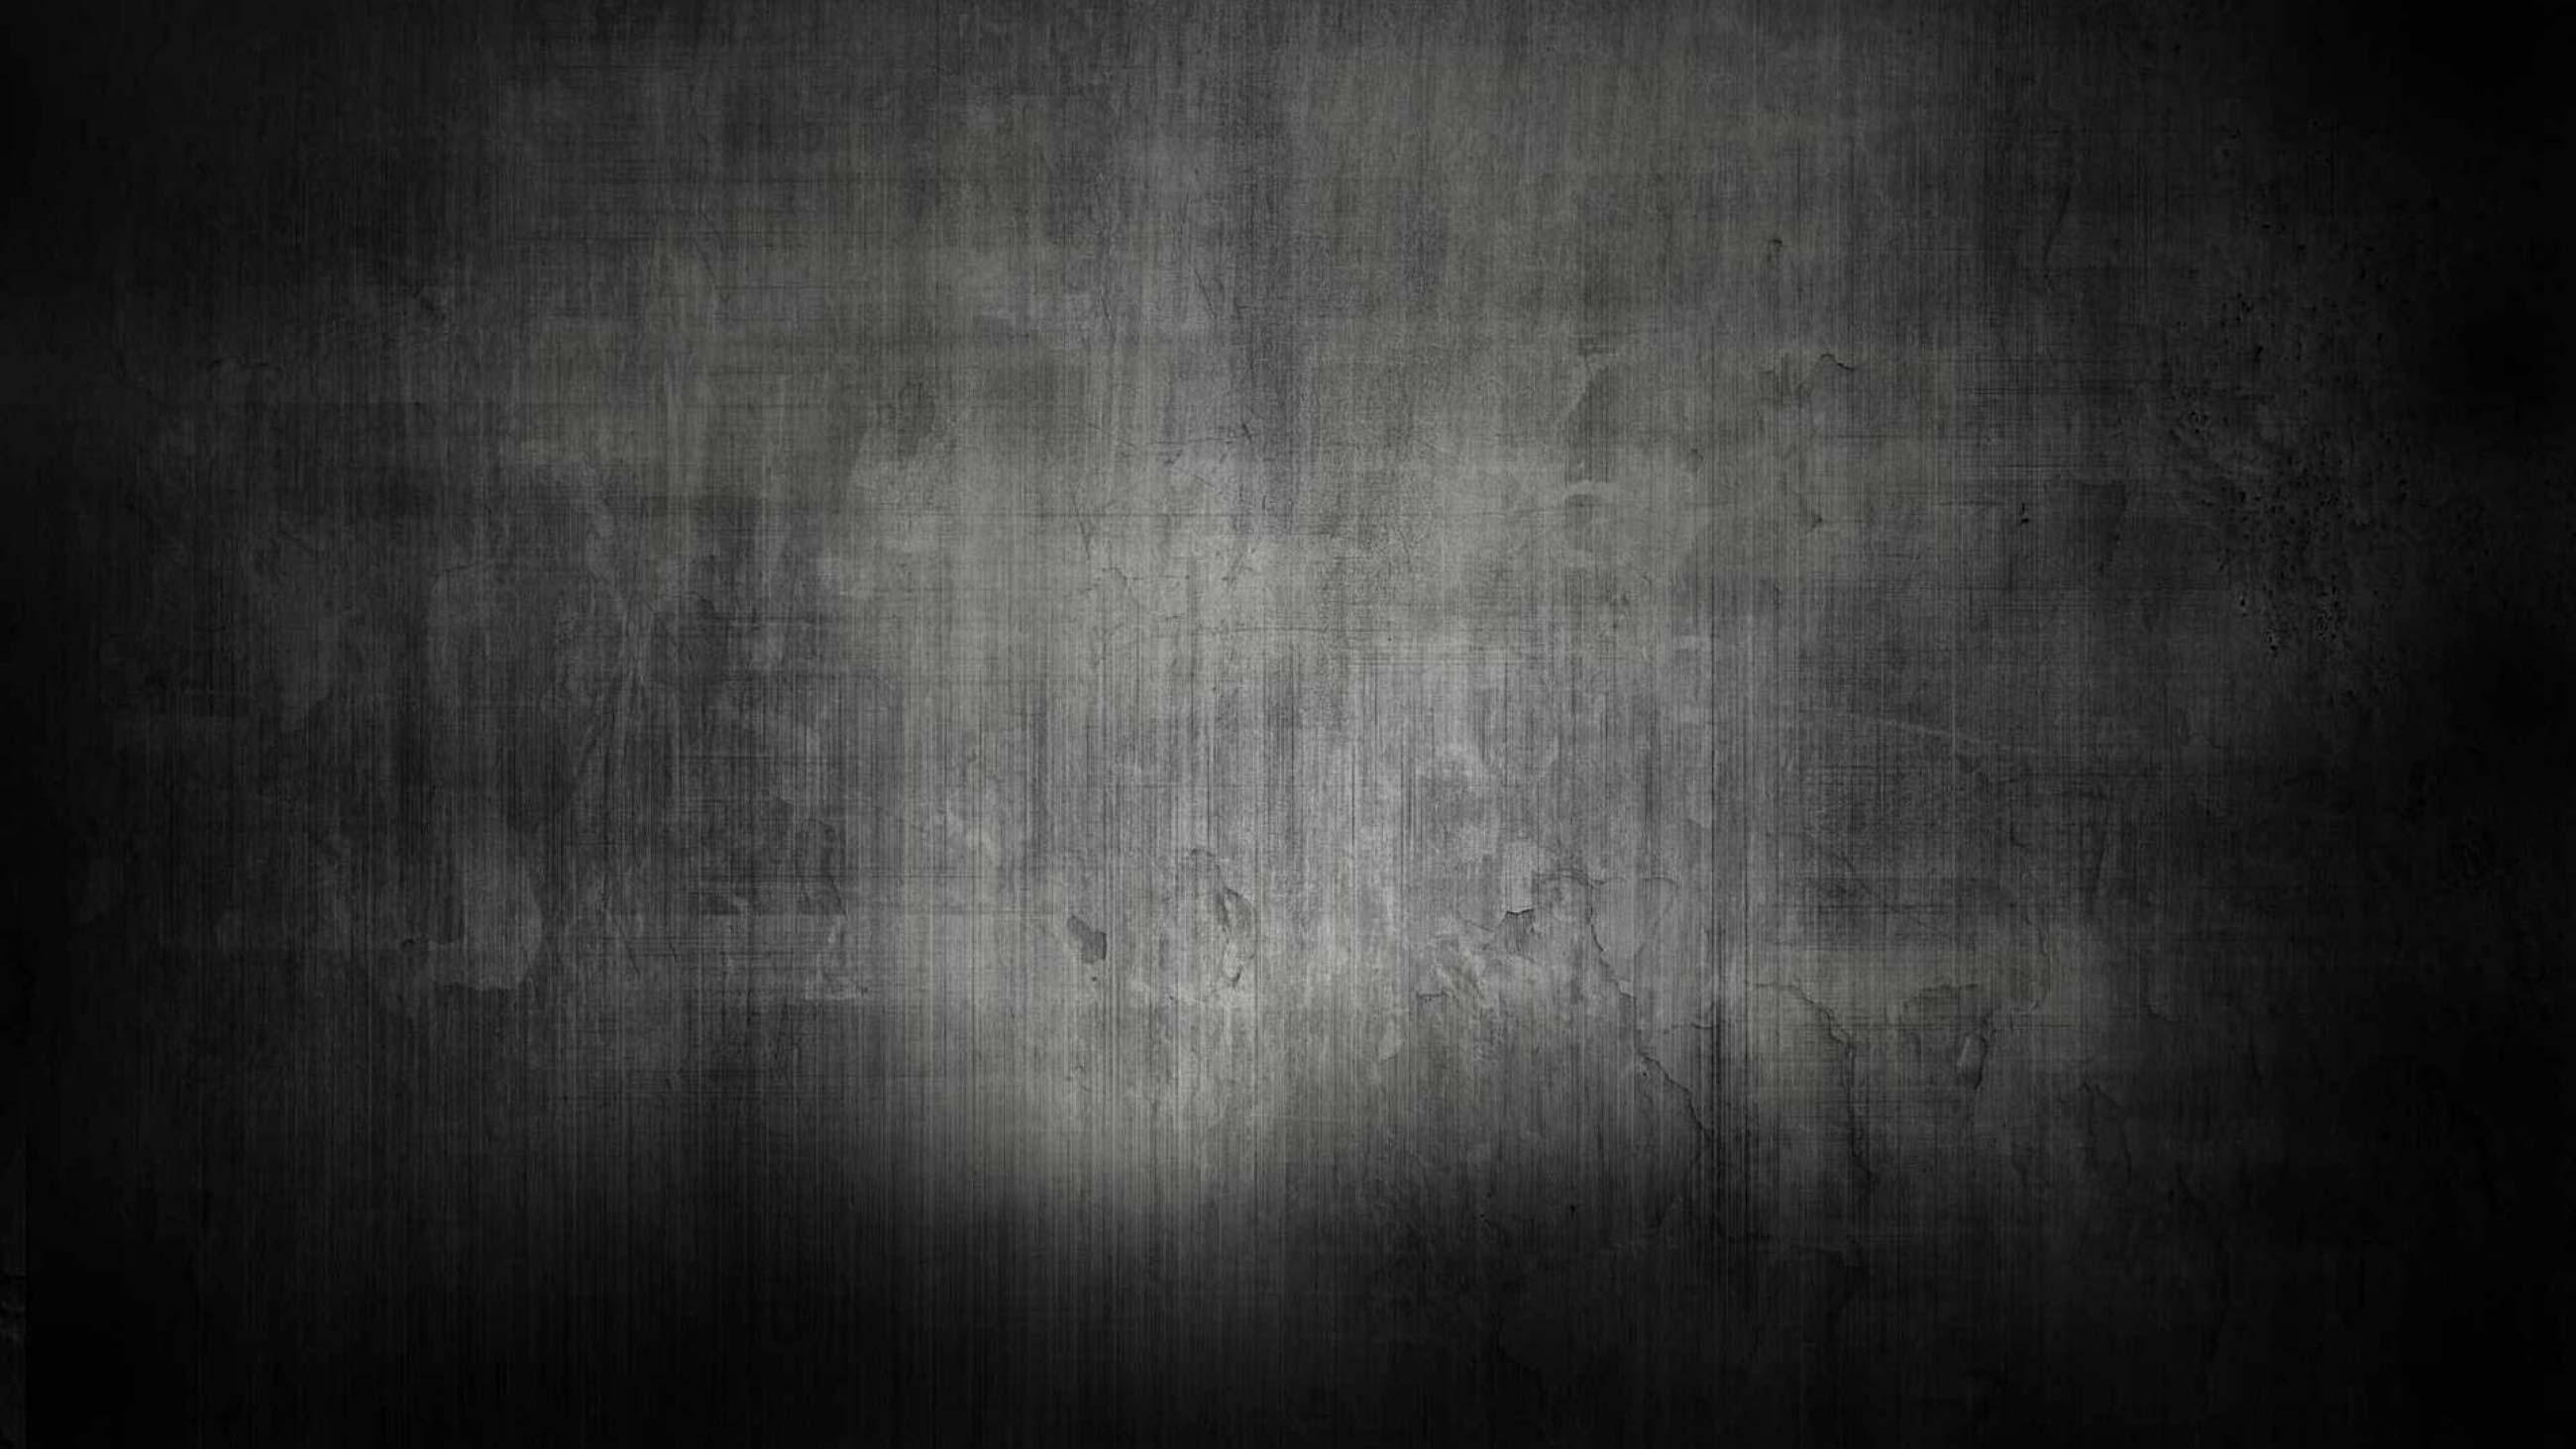 Background: Allgemein